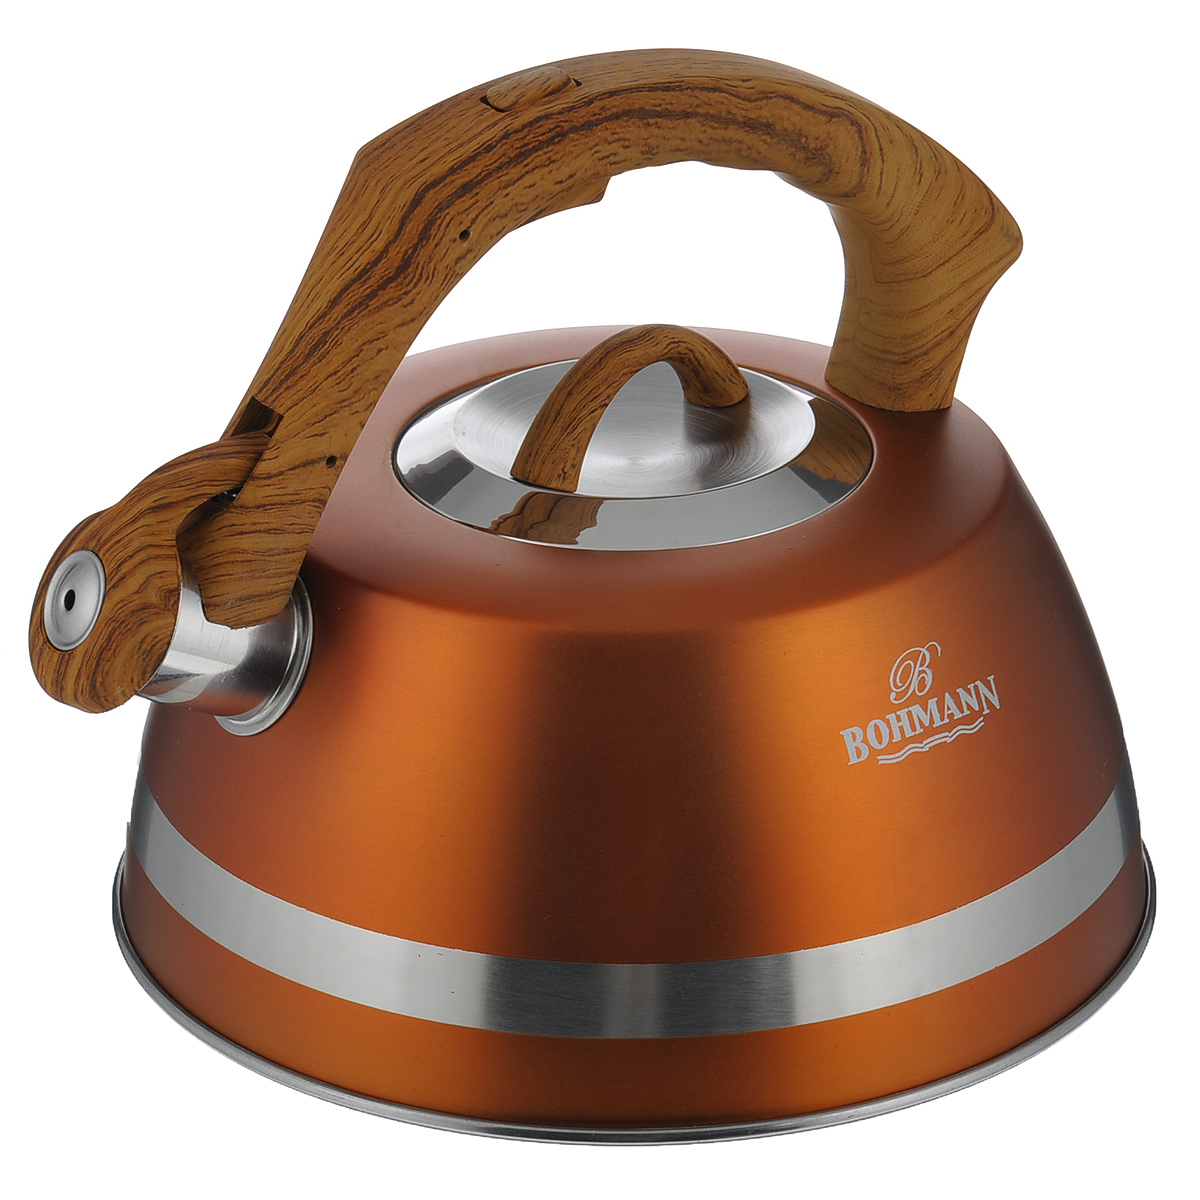 Чайник Bohmann со свистком, цвет: оранжевый, 3,5 л. BH - 996768/5/4Чайник Bohmann изготовлен из высококачественной нержавеющей стали с матовым цветным покрытием. Фиксированная ручка изготовлена из бакелита с прорезиненным покрытием. Носик чайника оснащен откидным свистком, звуковой сигнал которого подскажет, когда закипит вода. Свисток открывается нажатием кнопки на ручке.Чайник Bohmann - качественное исполнение и стильное решение для вашей кухни. Подходит для использования на газовых, стеклокерамических, электрических, галогеновых и индукционных плитах. Нельзя мыть в посудомоечной машине.